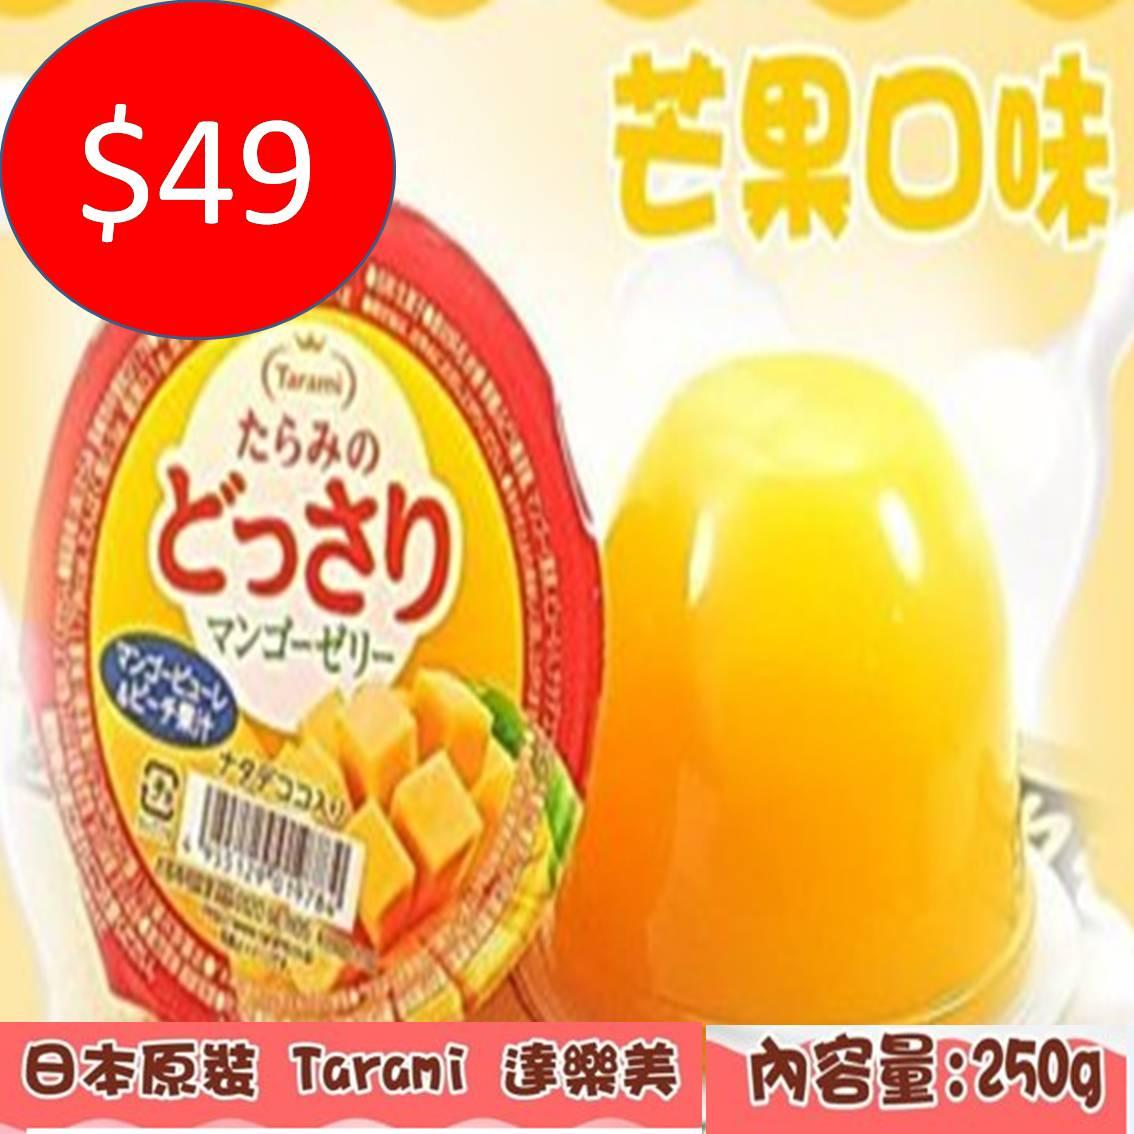 【現貨】日本 Tarami達樂美 低卡鮮果肉果凍250g 芒果【樂活生活館】